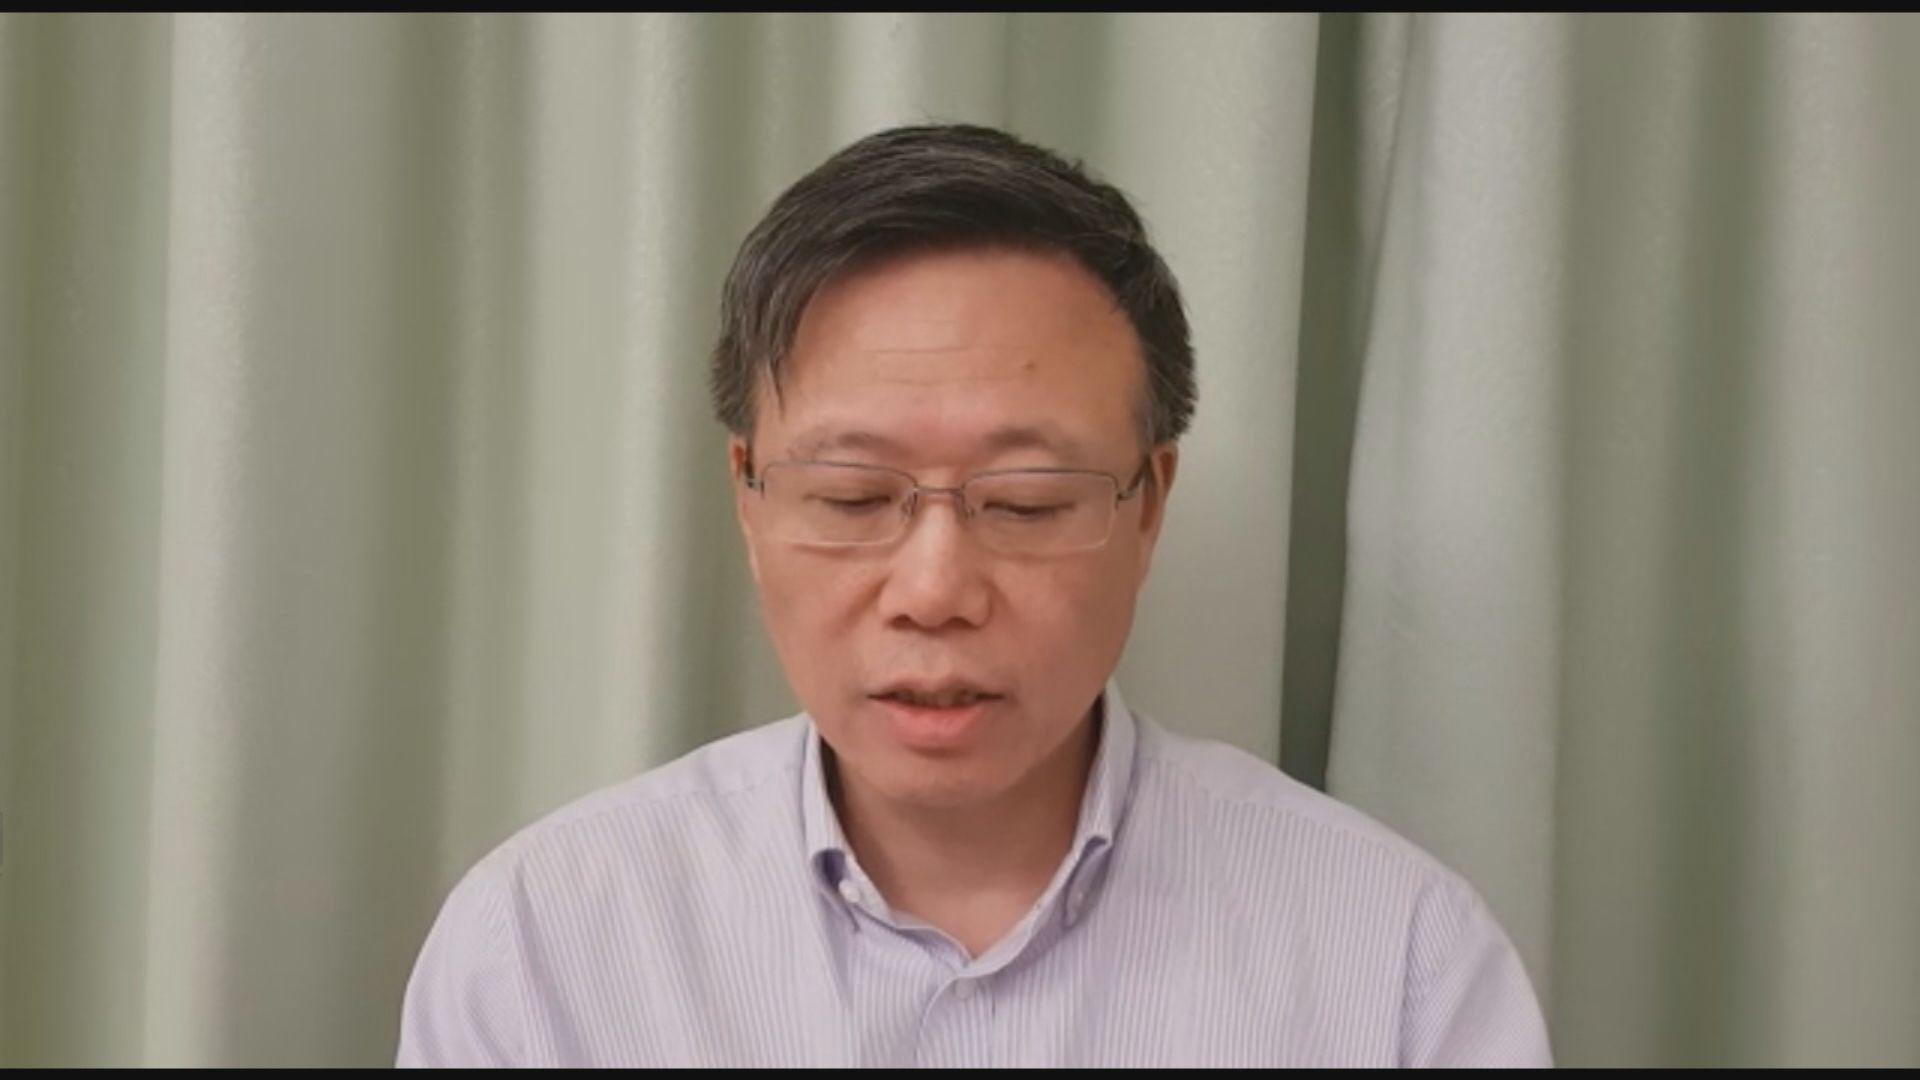 滕錦光:若示威者和平地離開校園會親身陪伴到警署